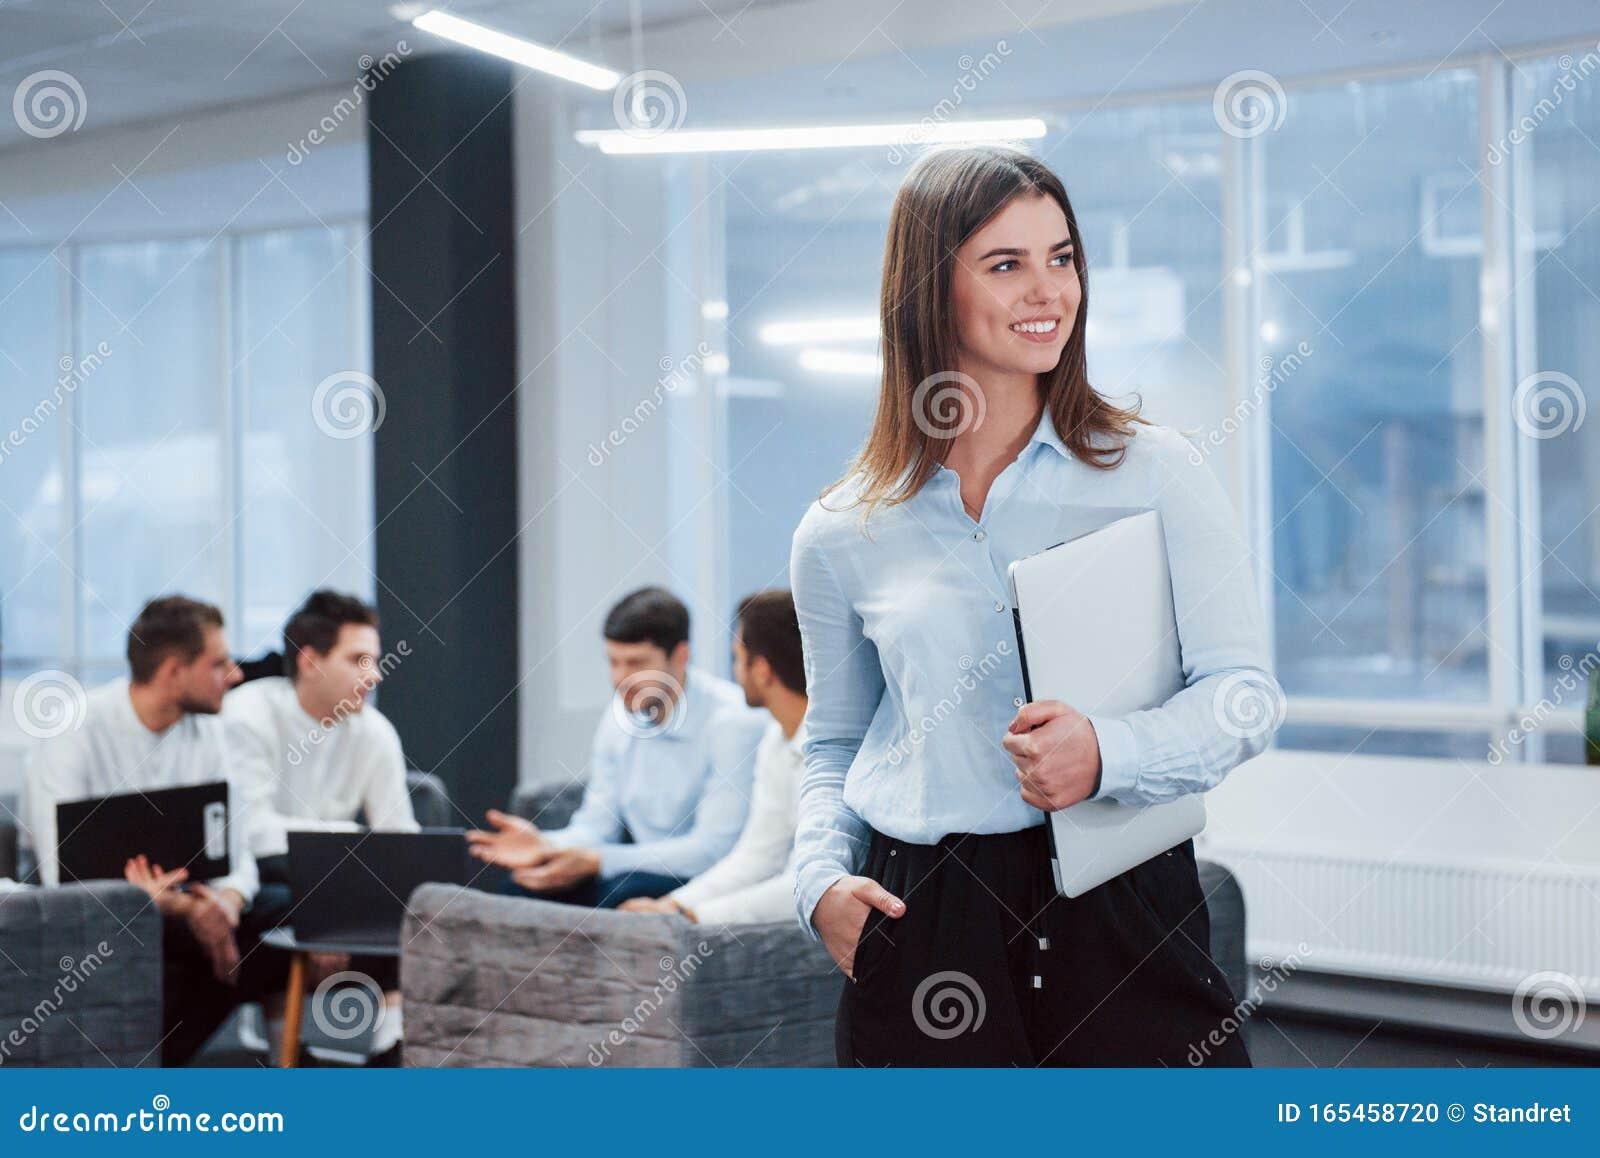 Влюблен на работе в девушку девушка модель работы горя